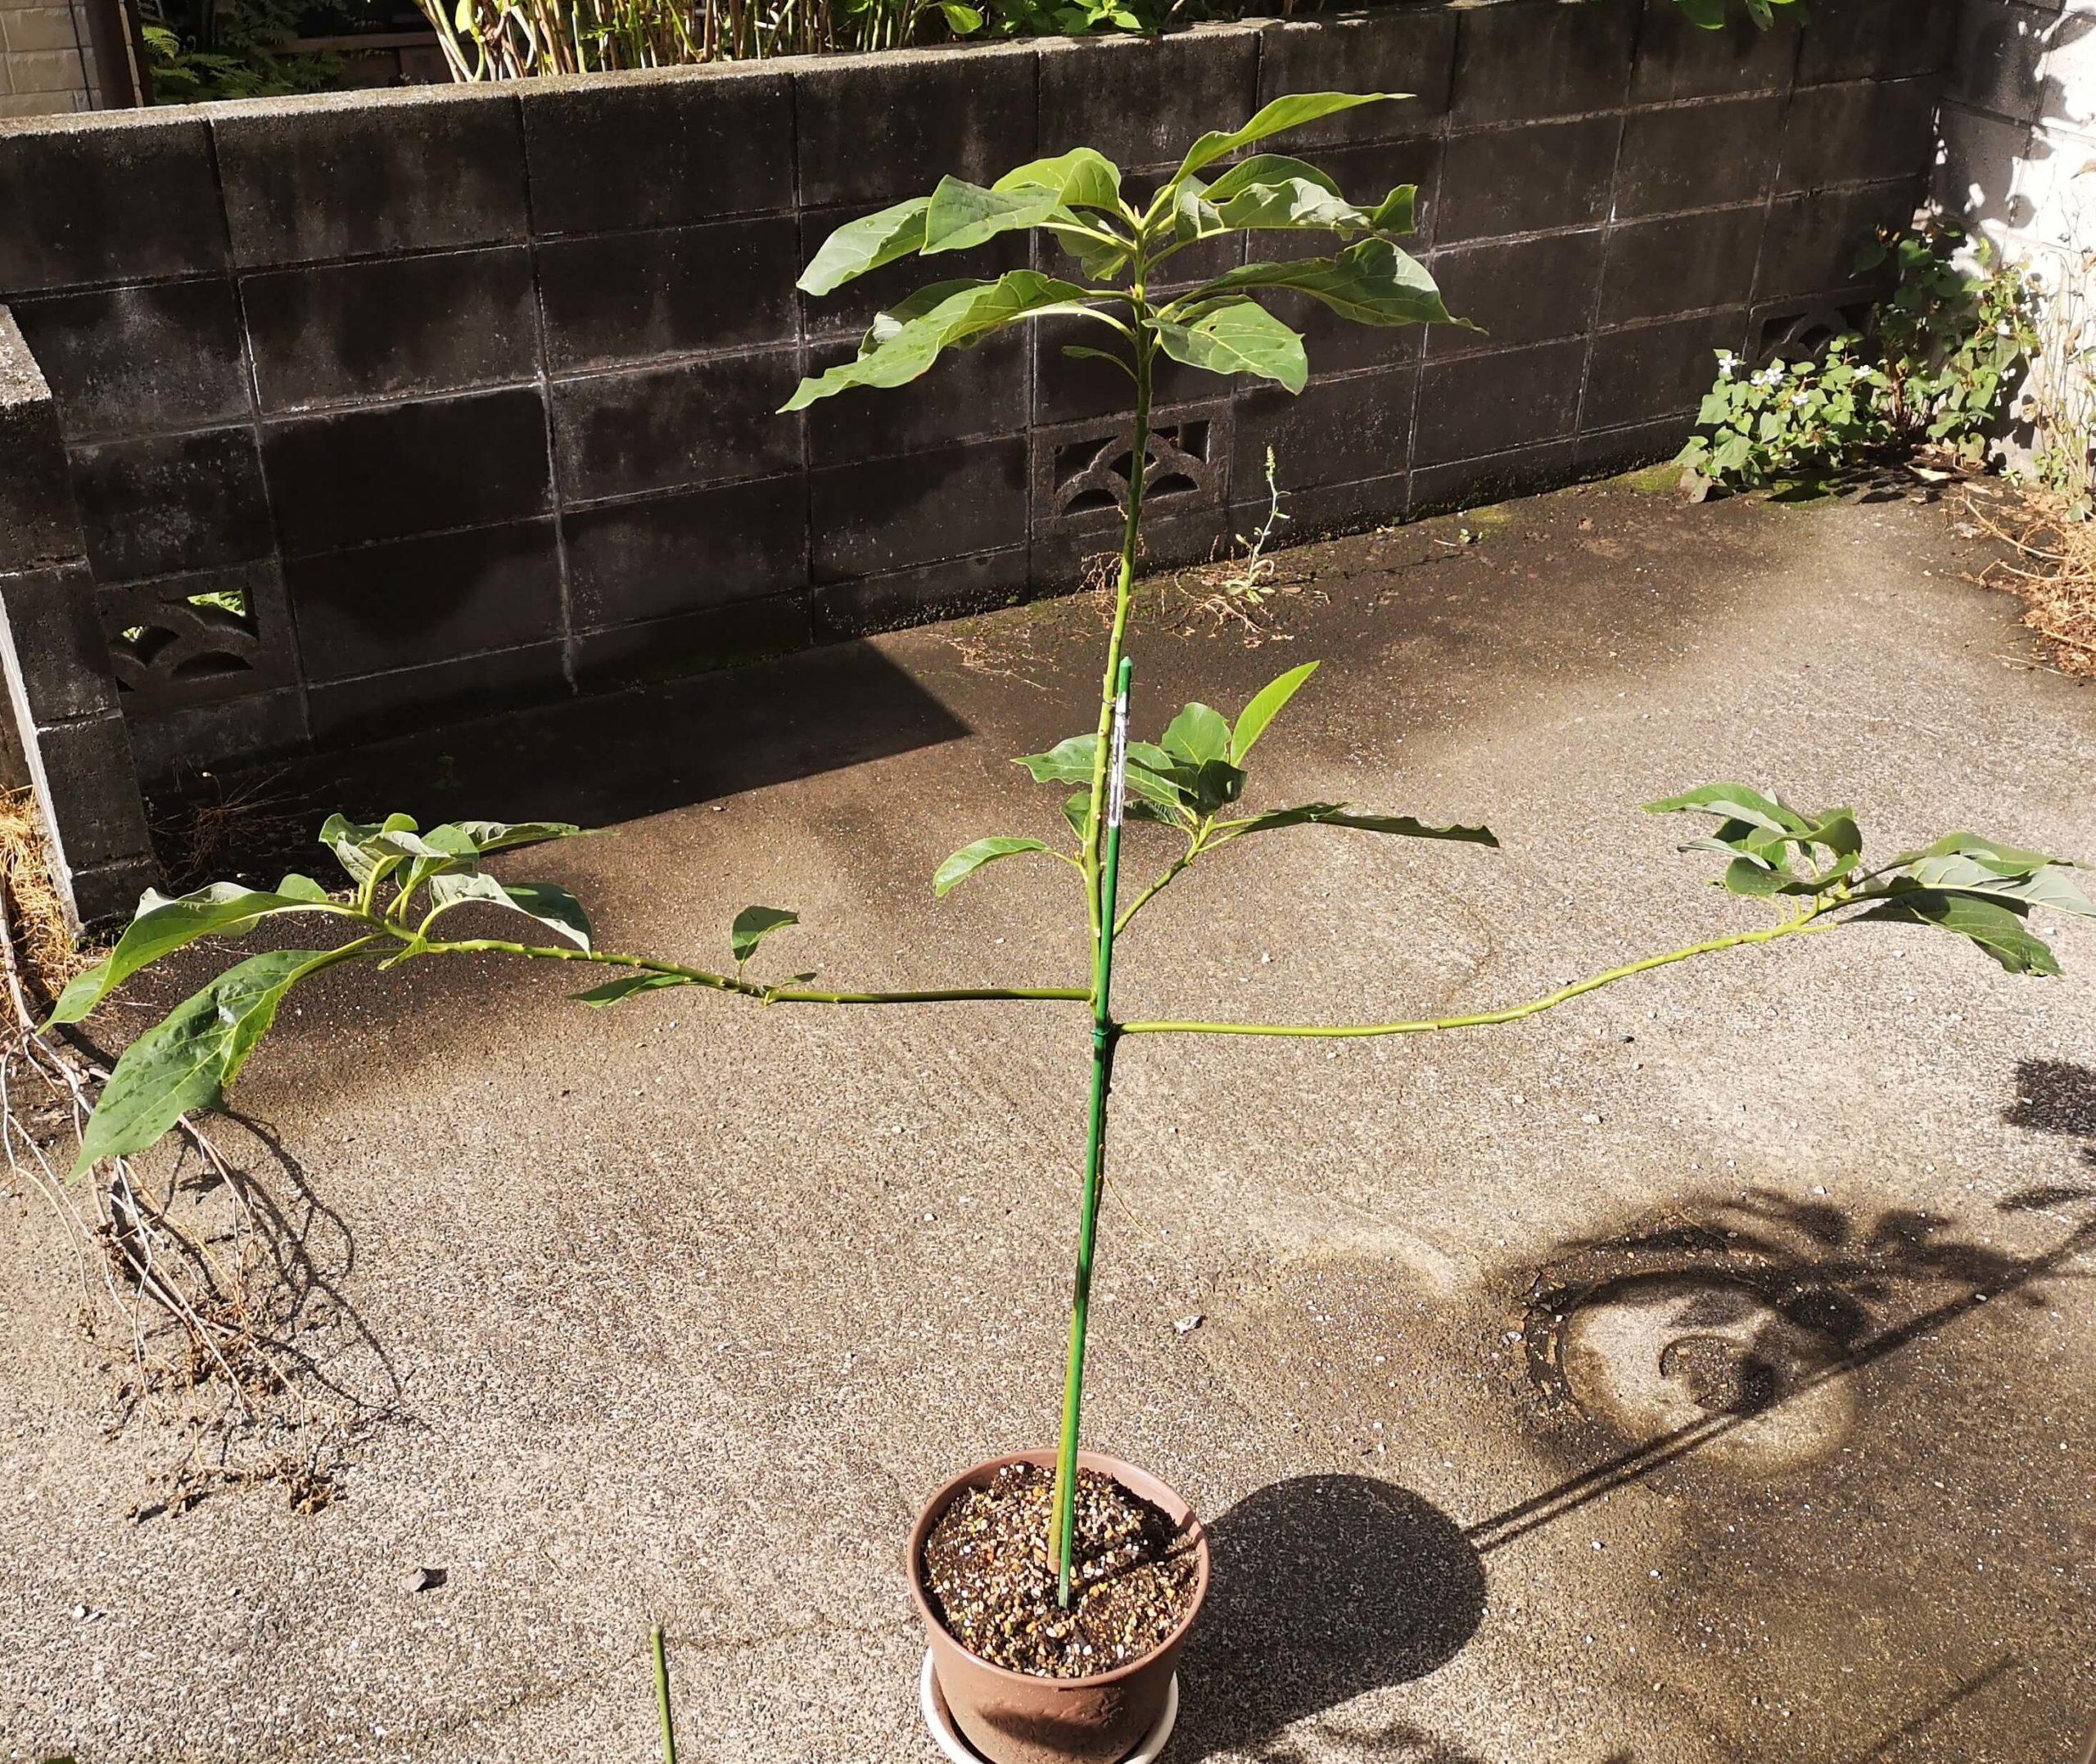 伸び続けた左右の枝は1メートルほどになったアボカド